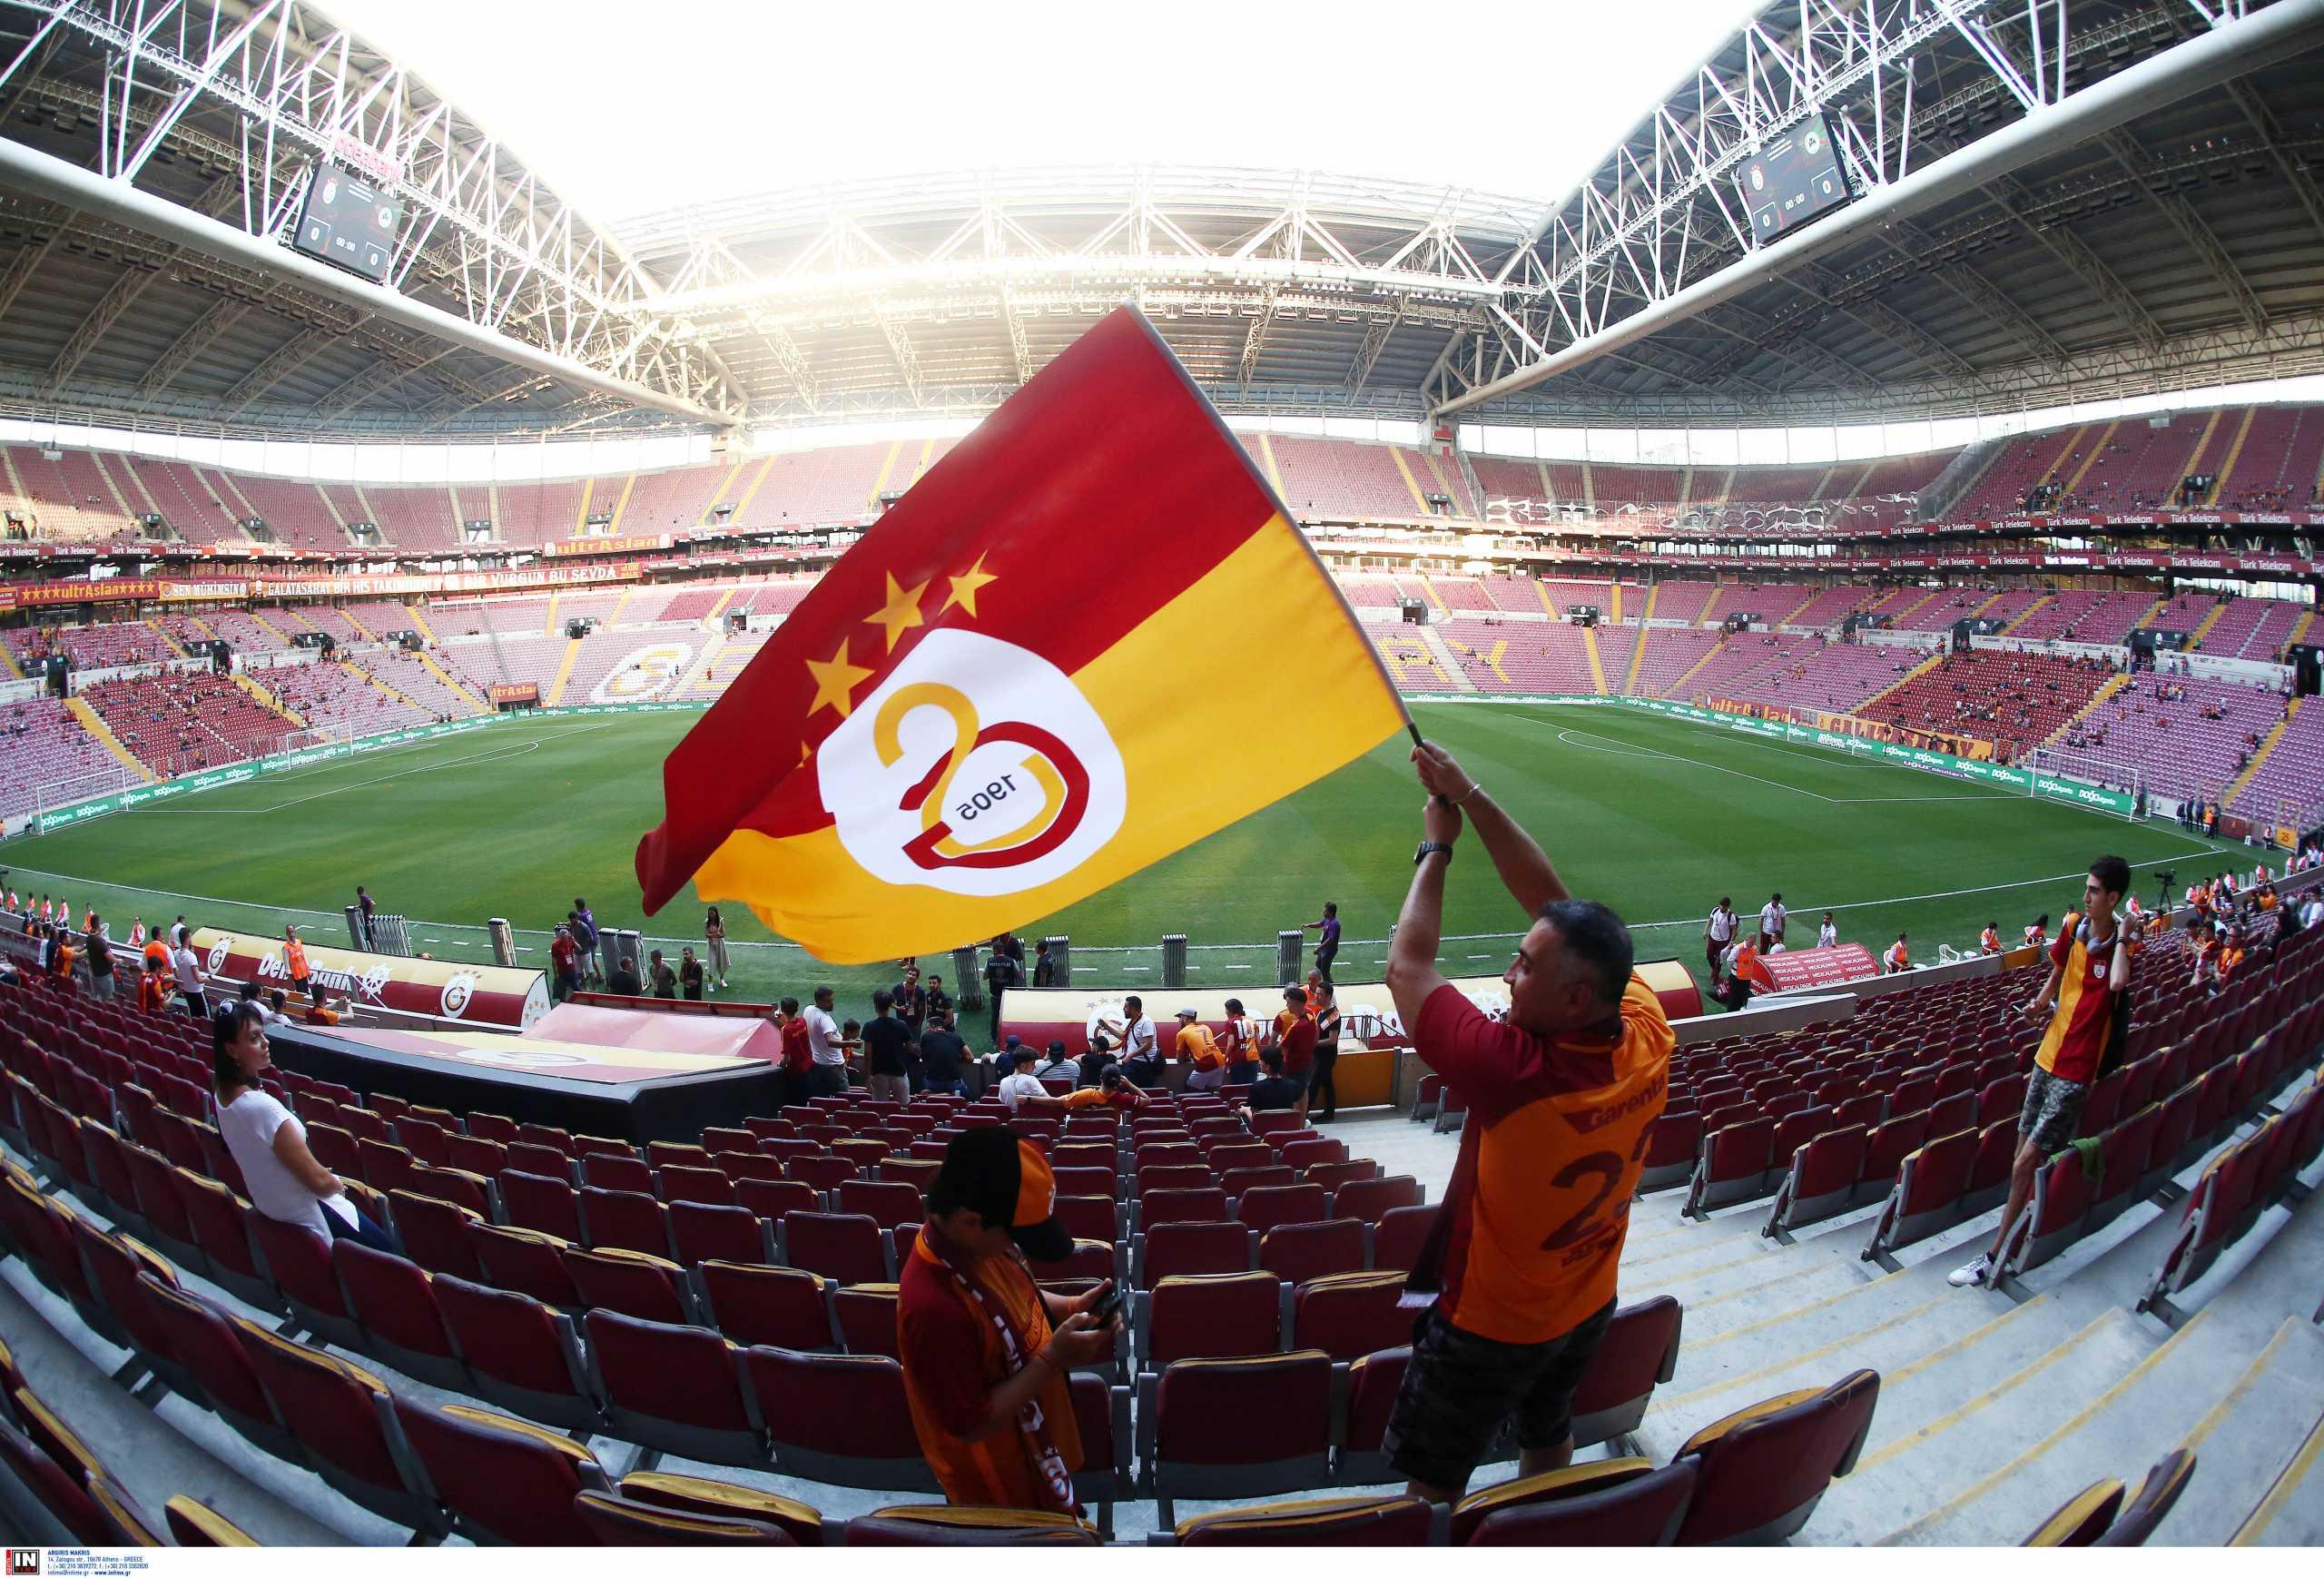 Ολυμπιακός – Γαλατασαράι: Πήρε θέση η τουρκική ομοσπονδία, «καταδικάζουμε τη στάση των ελληνικών αρχών»